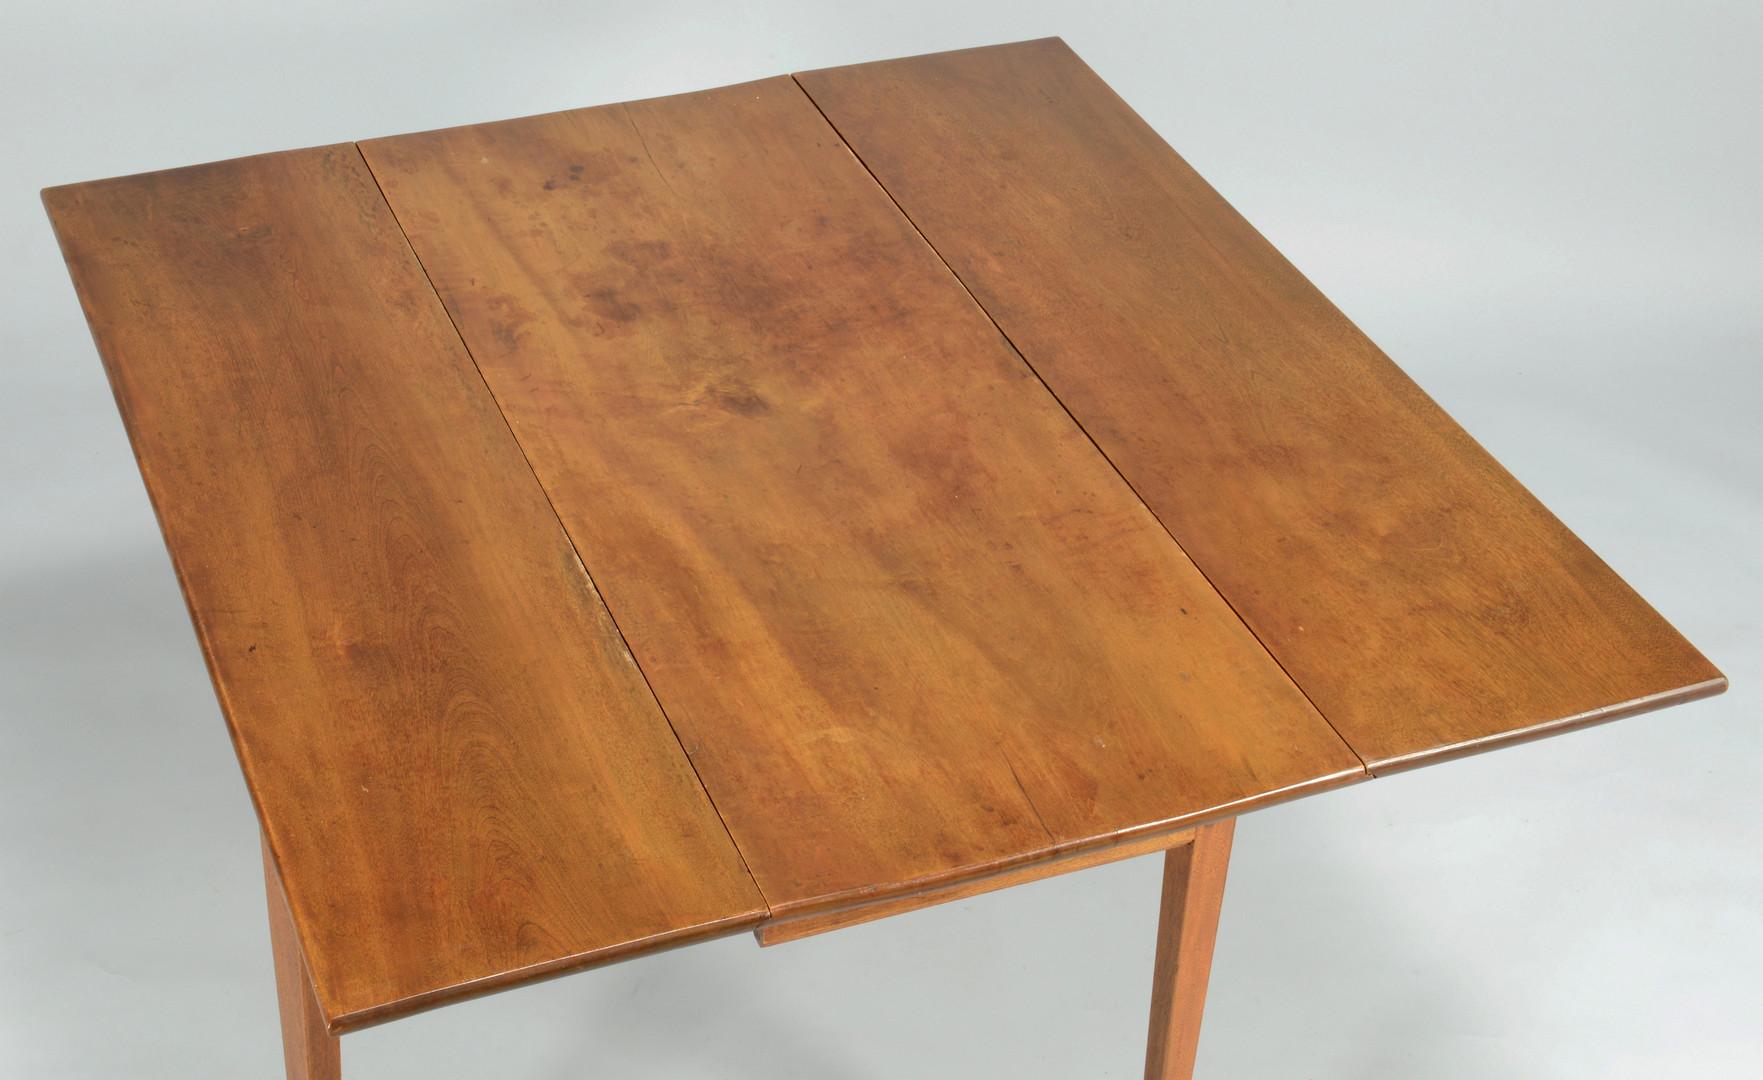 Lot 383: Hepplewhite Dropleaf Table